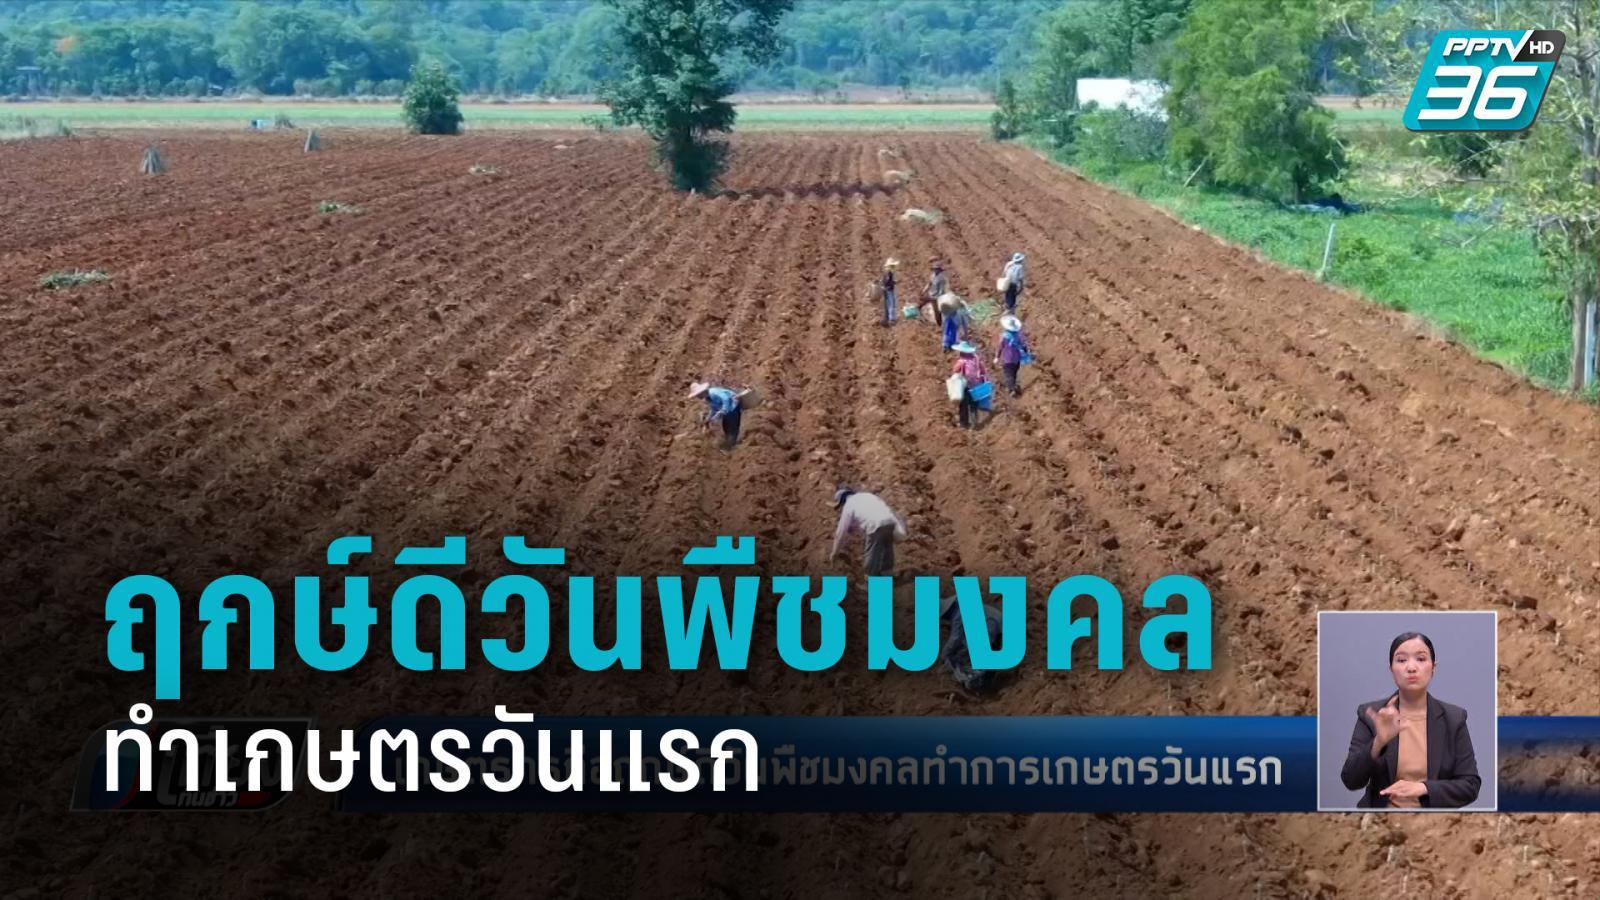 แรกนาขวัญ ฤกษ์ดีวันพืชมงคลทำการเกษตรวันแรก